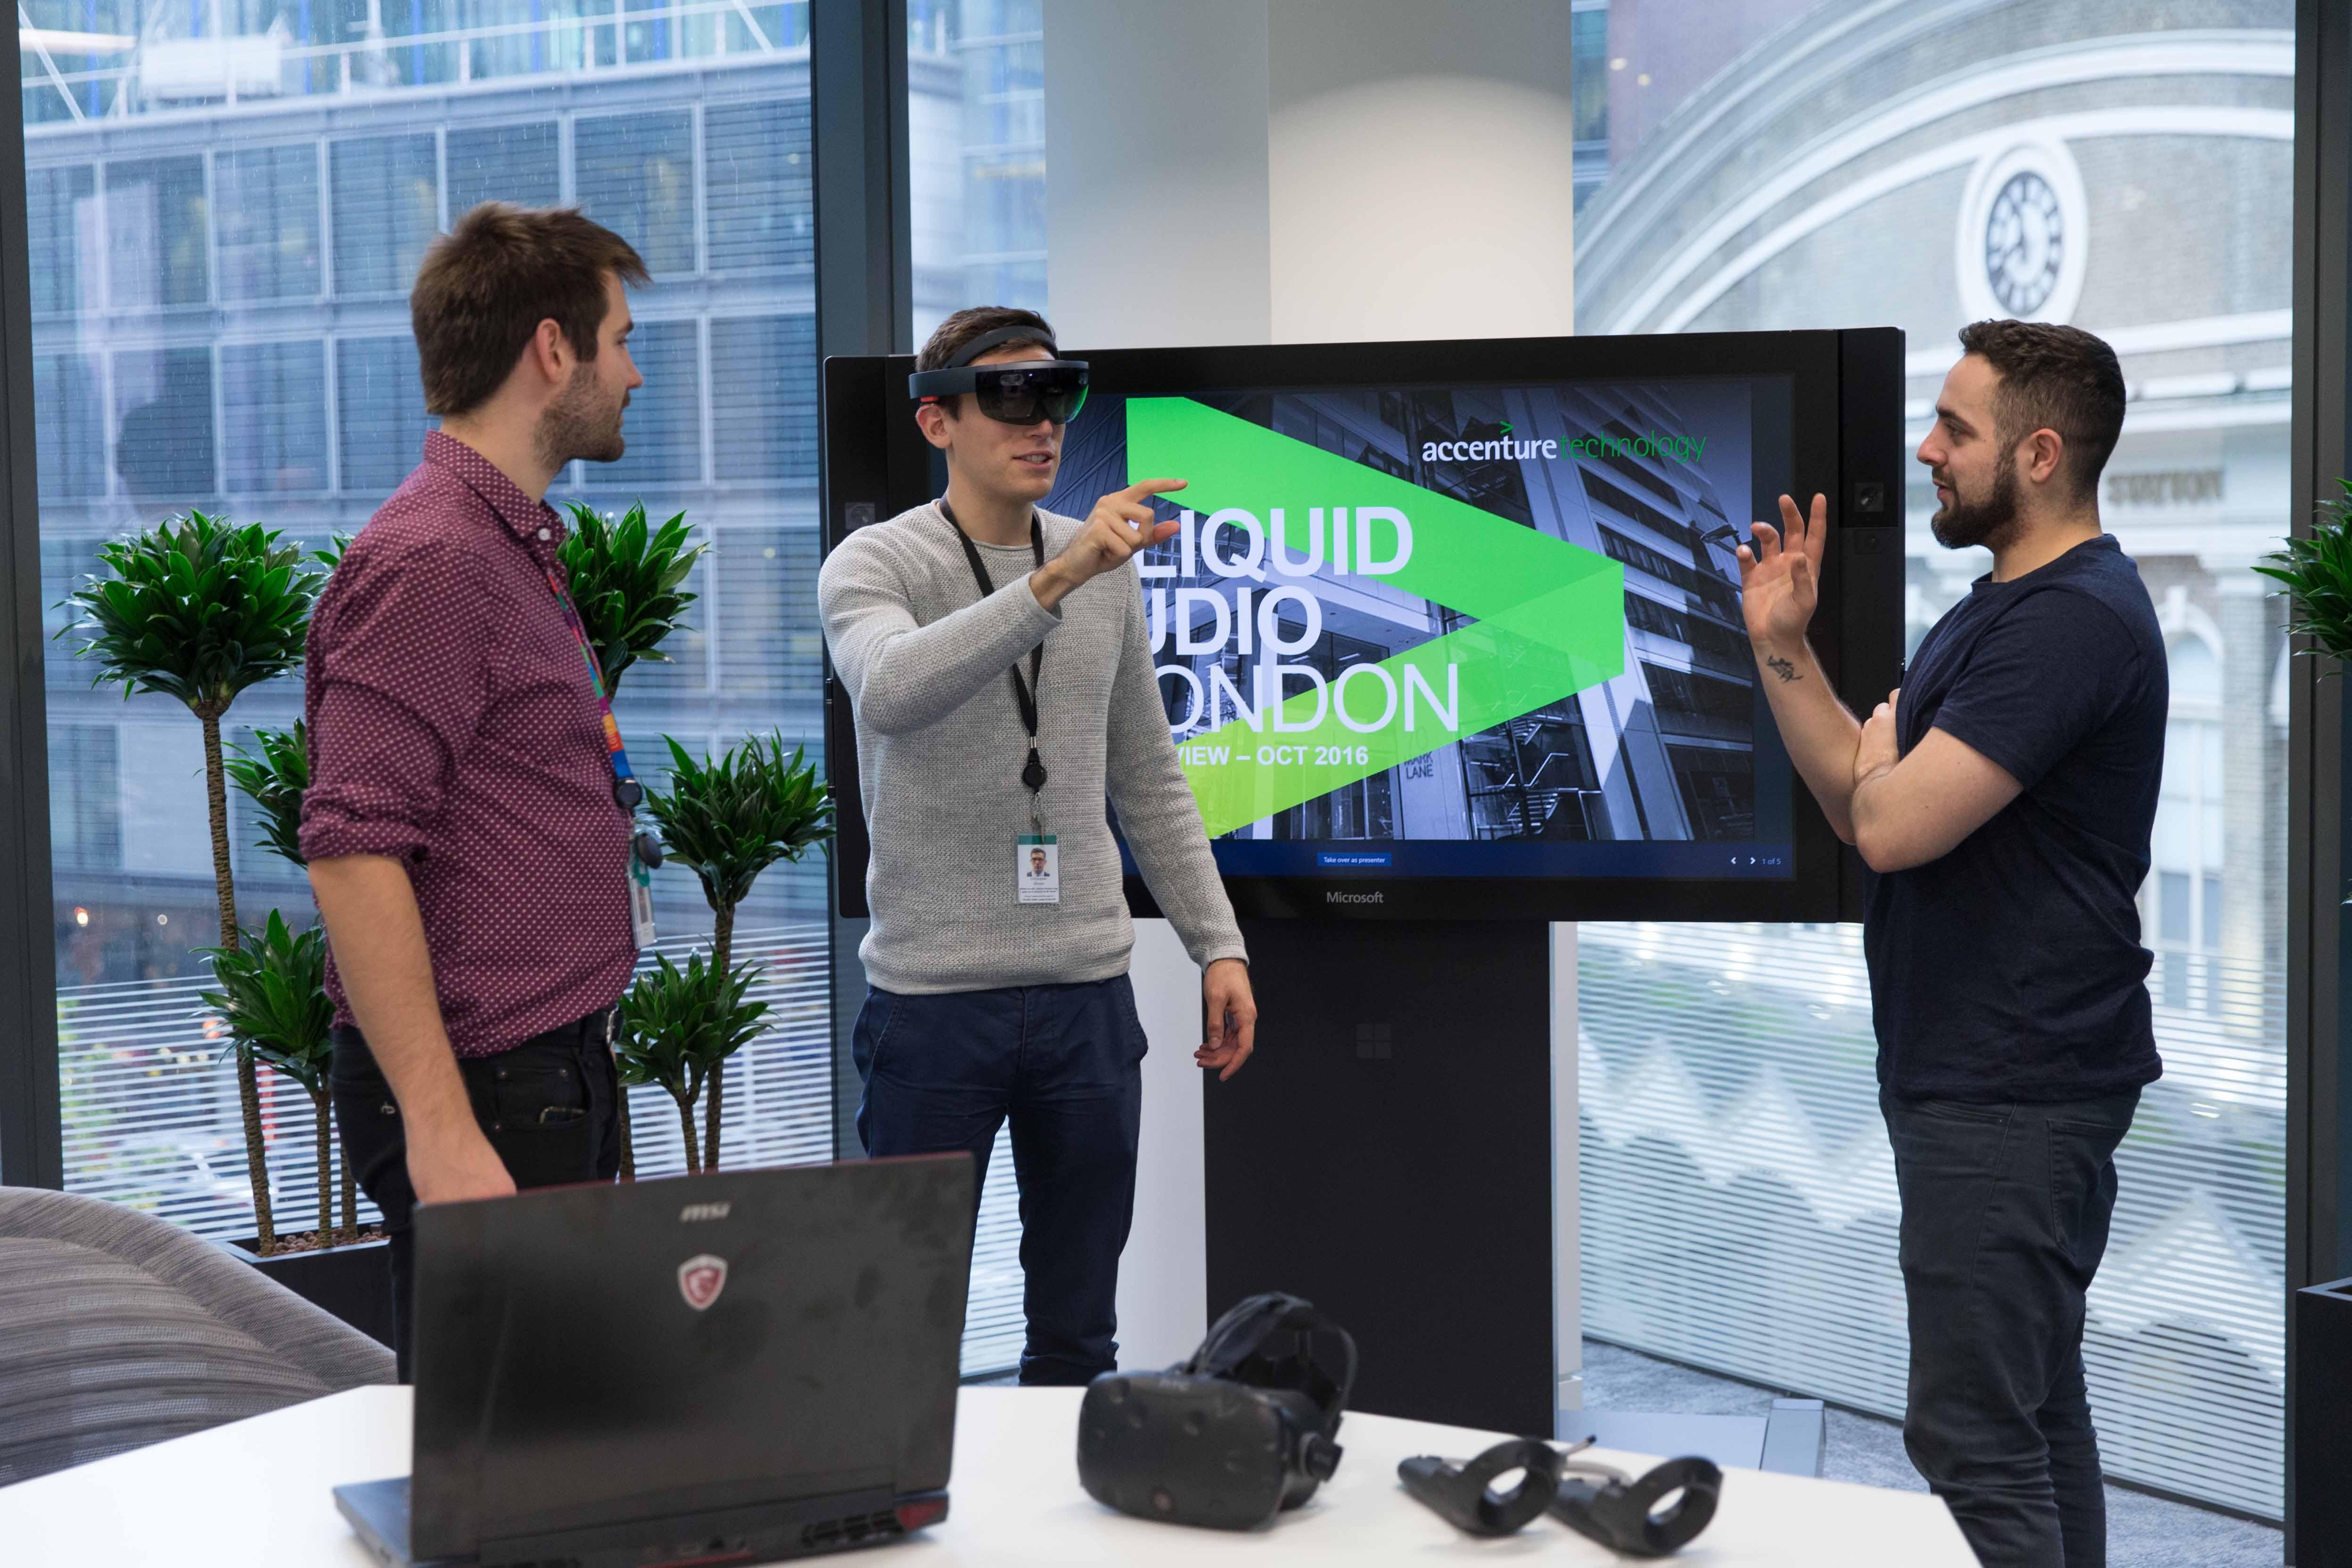 Accenture lansează Liquid Studio în Londra ca să accelereze  transformarea digitală a afacerilor